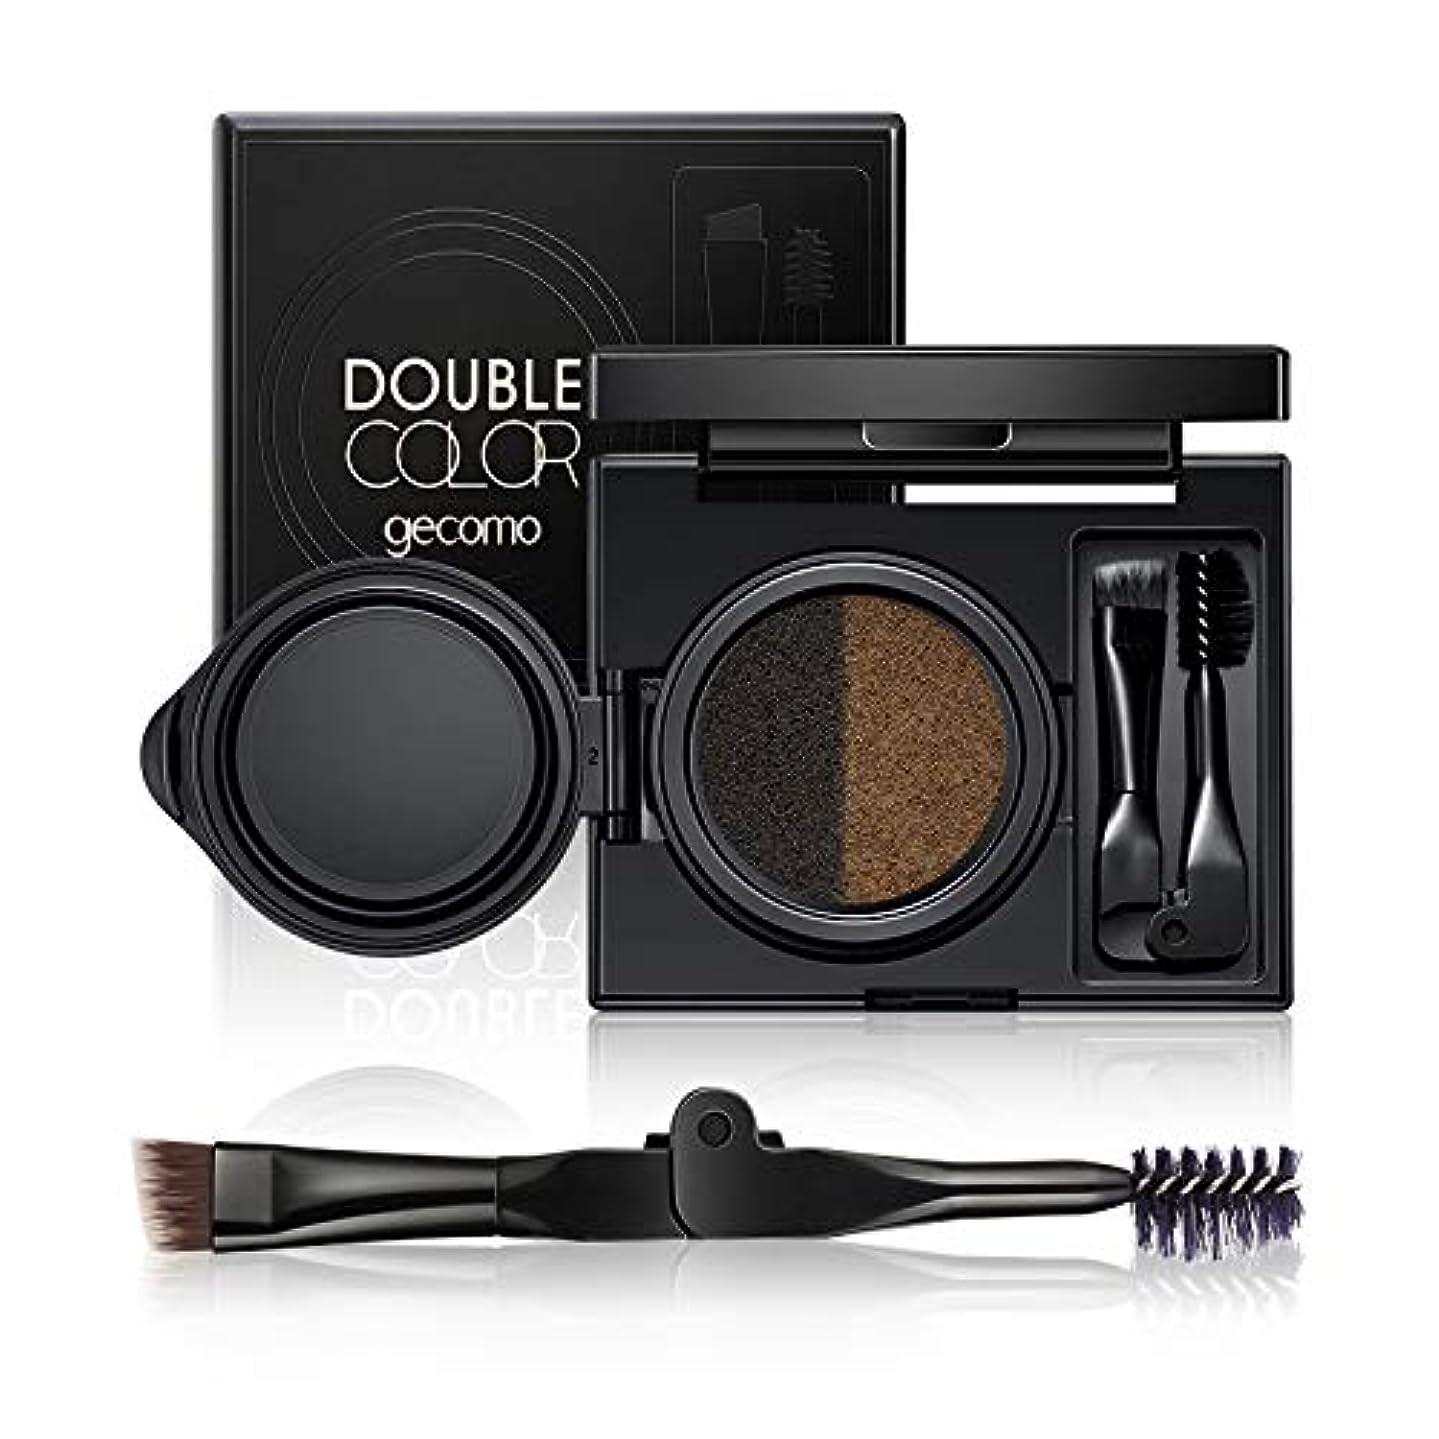 リッチゲージ魅惑的な美容アクセサリー GECOMOダブルカラーエアクッションアイブロウメイクアップ色素パレット、アイブロウブラシ付き 写真美容アクセサリー (色 : Grey)